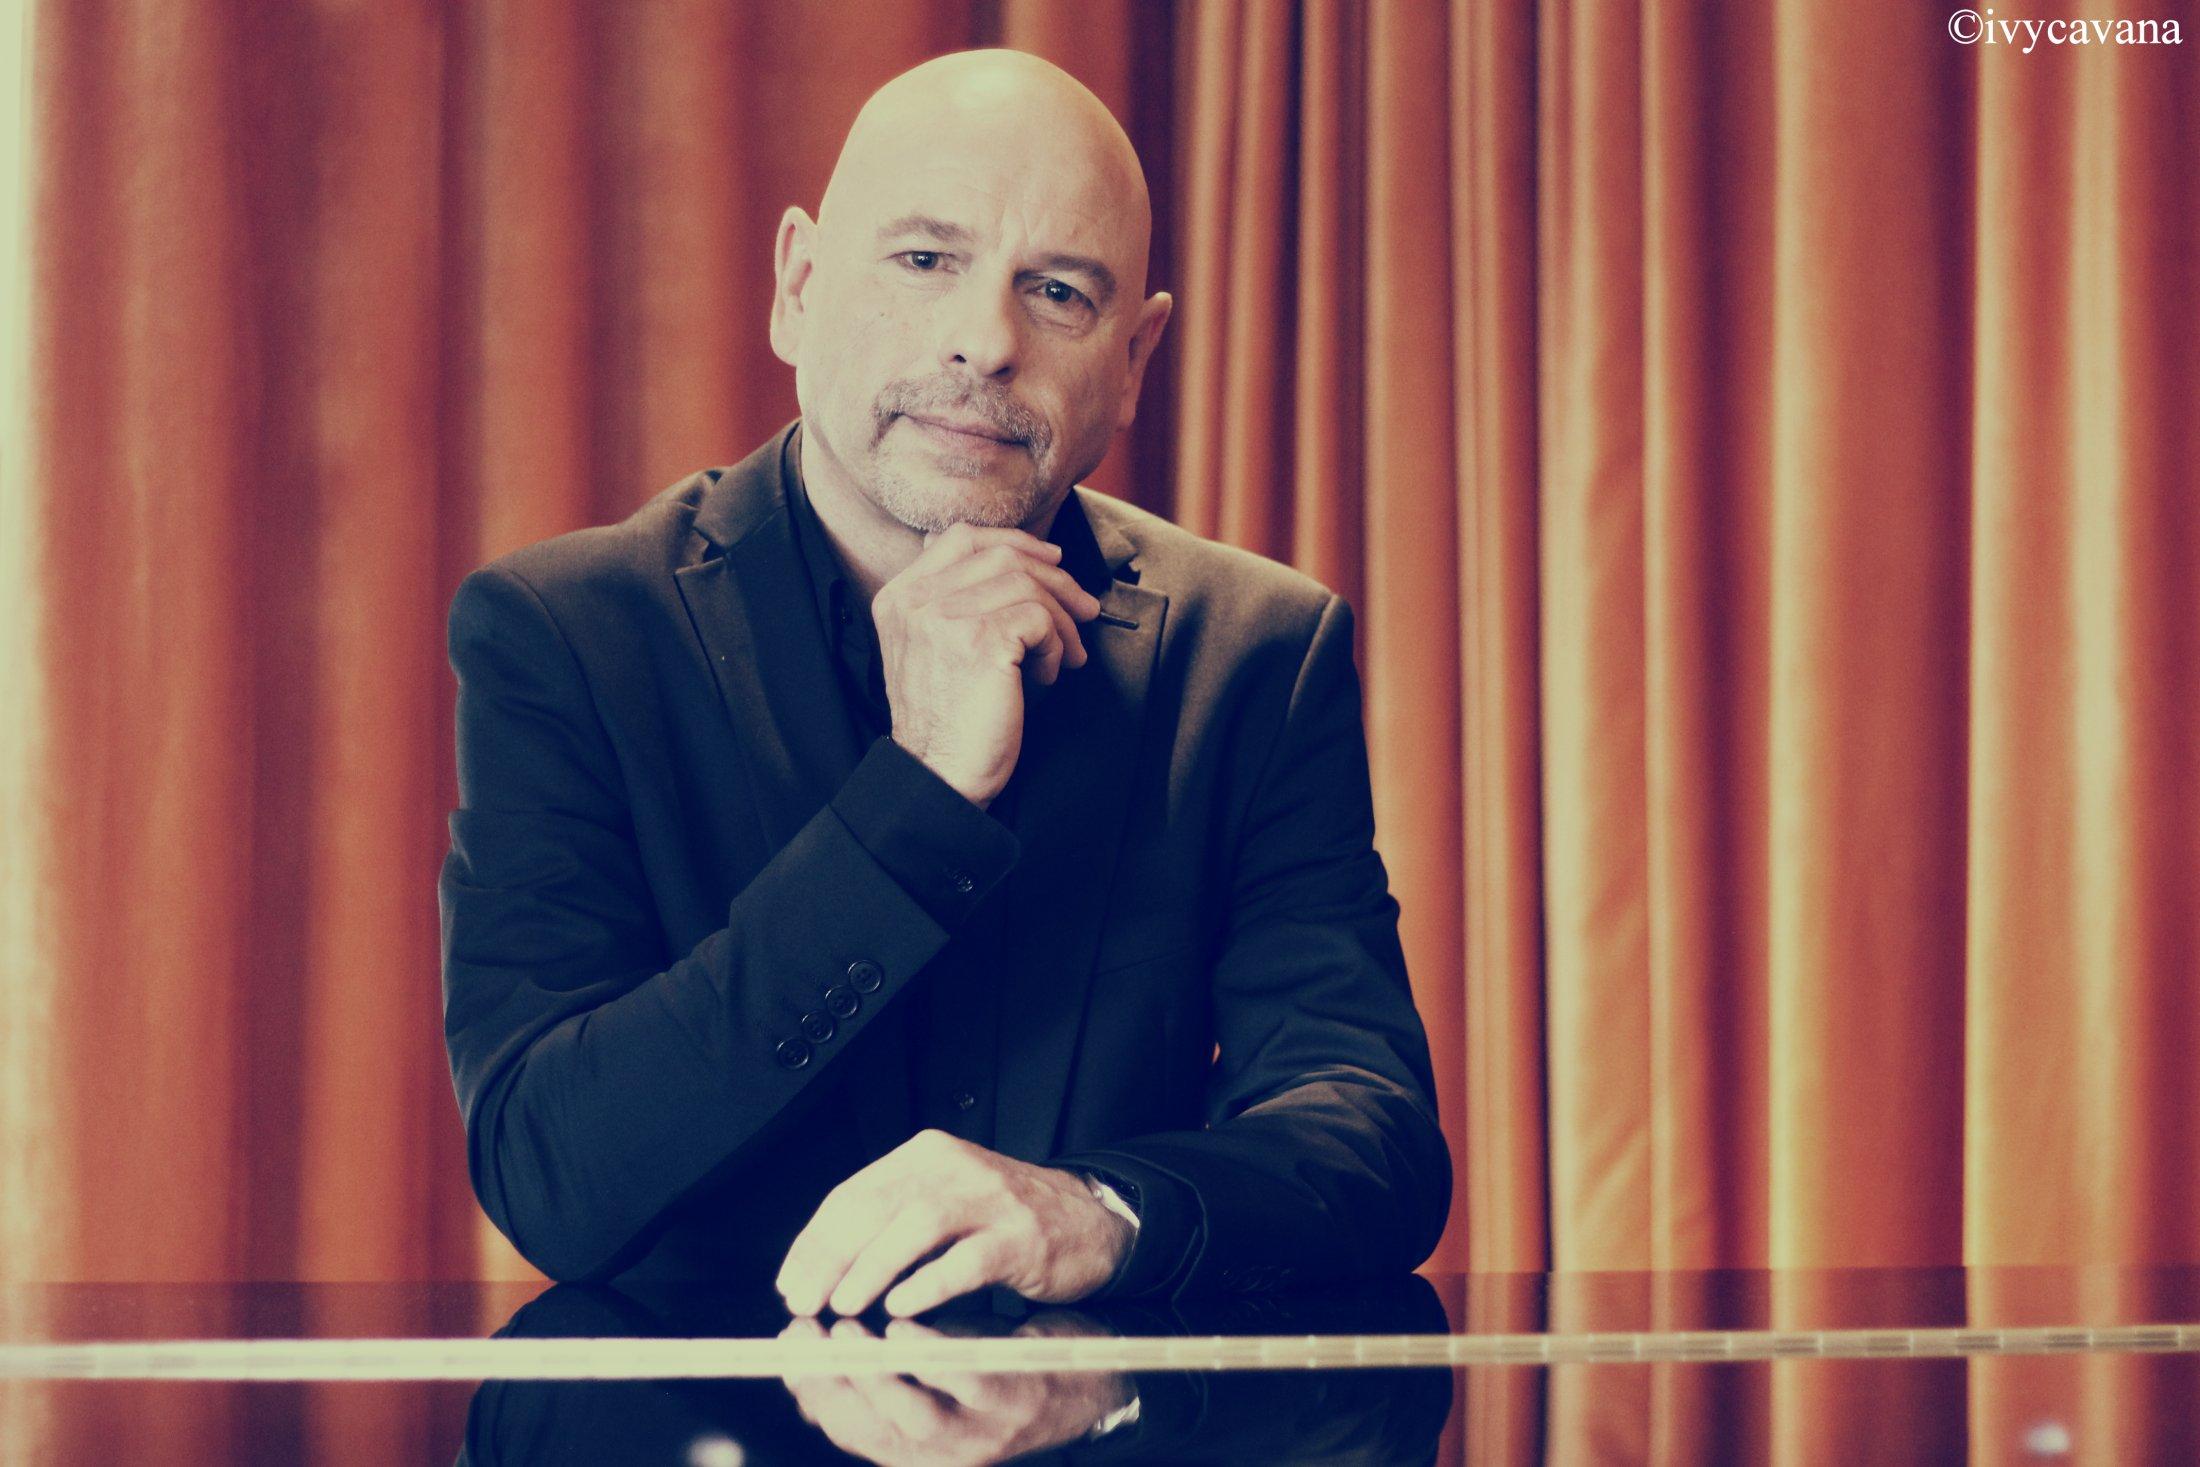 Daniel Senders (Pers)